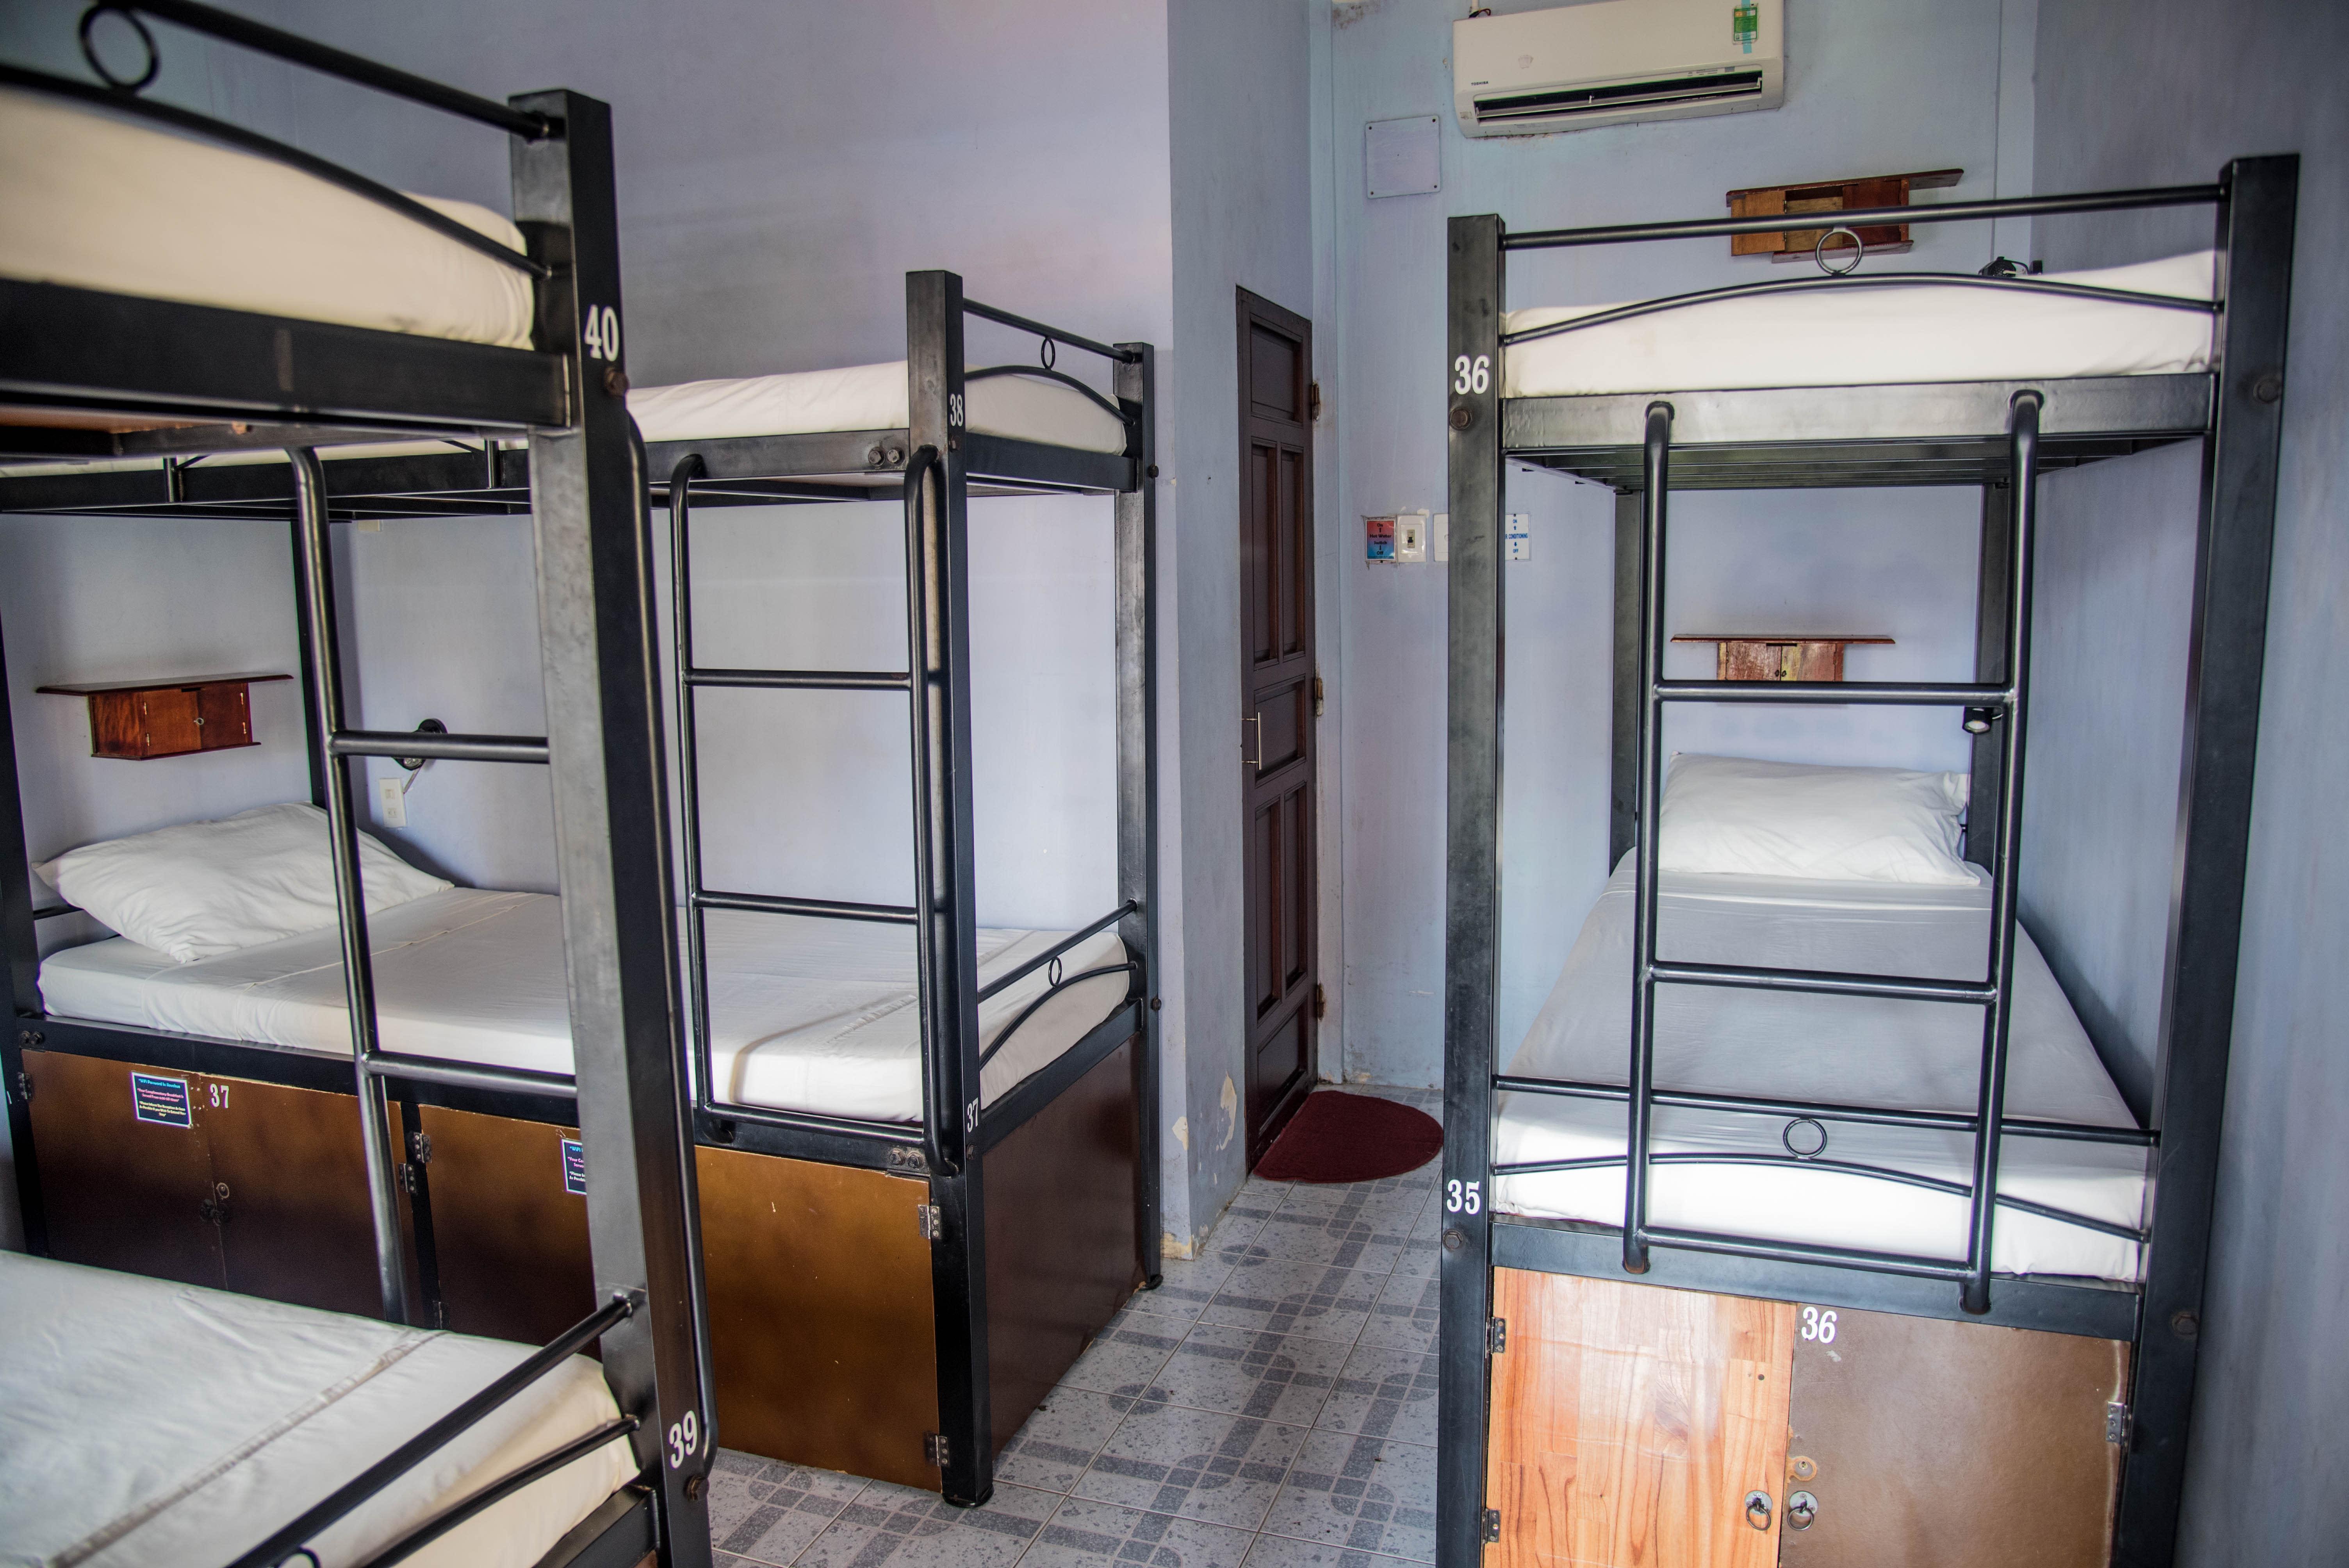 Hue Backpackers Hostel